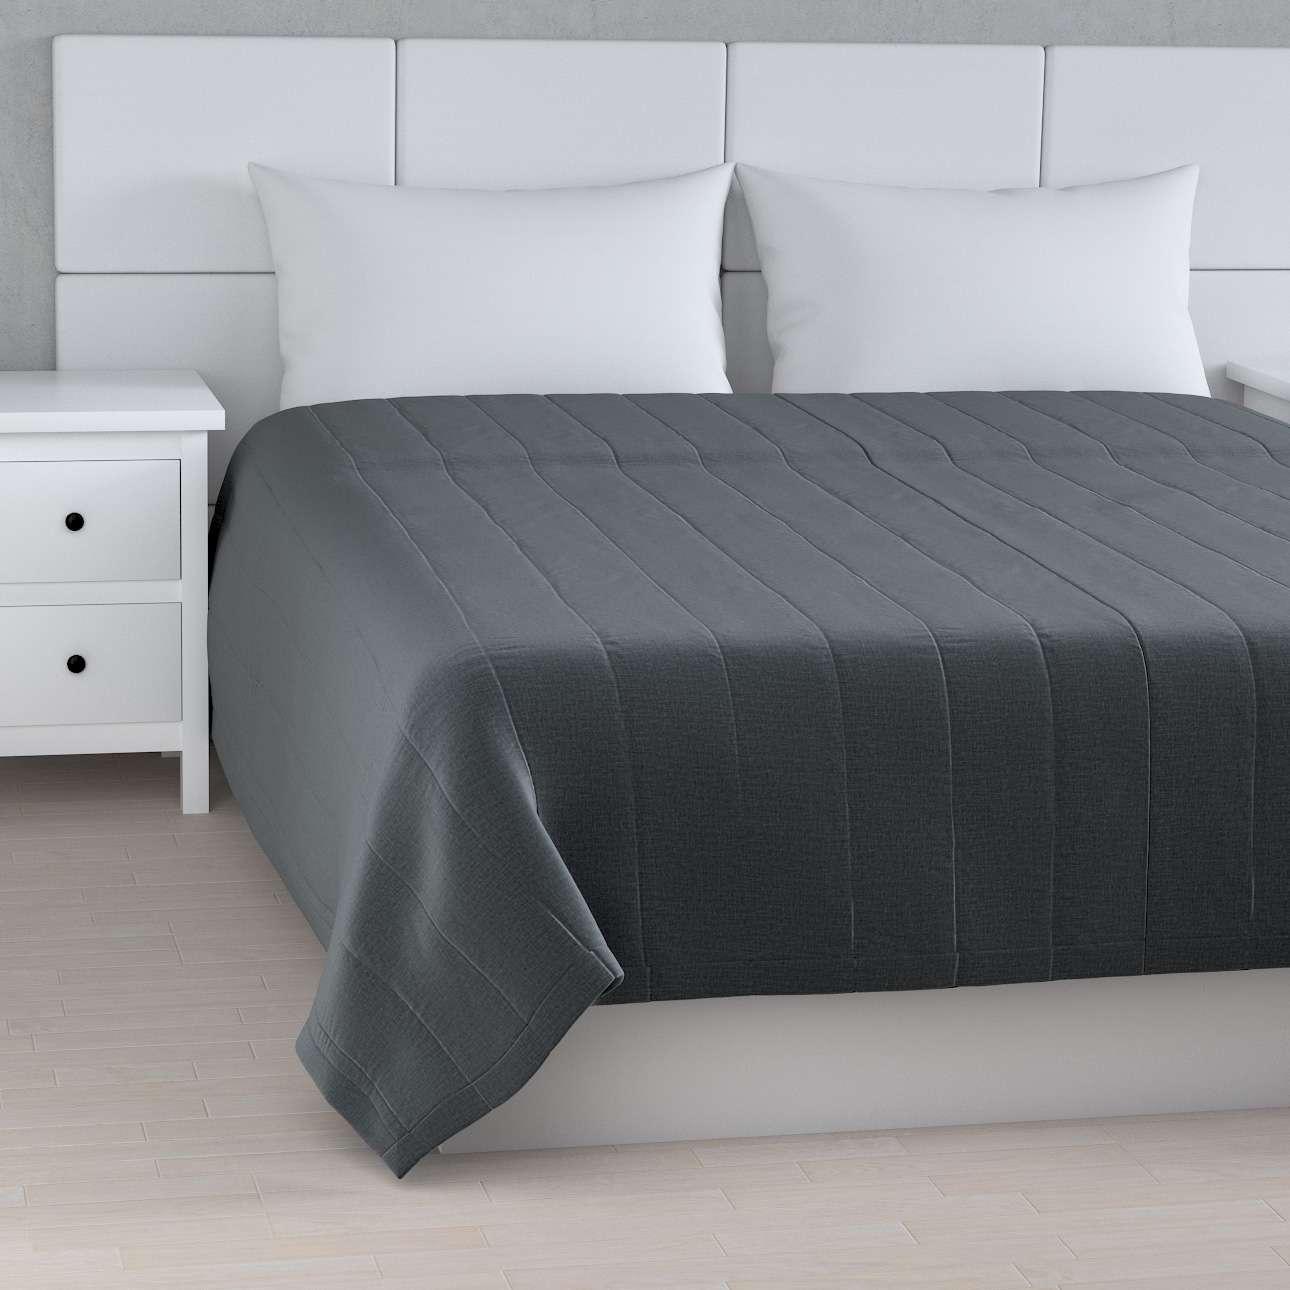 Basic steppelt takaró a kollekcióból Ingrid, Dekoranyag: 705-43